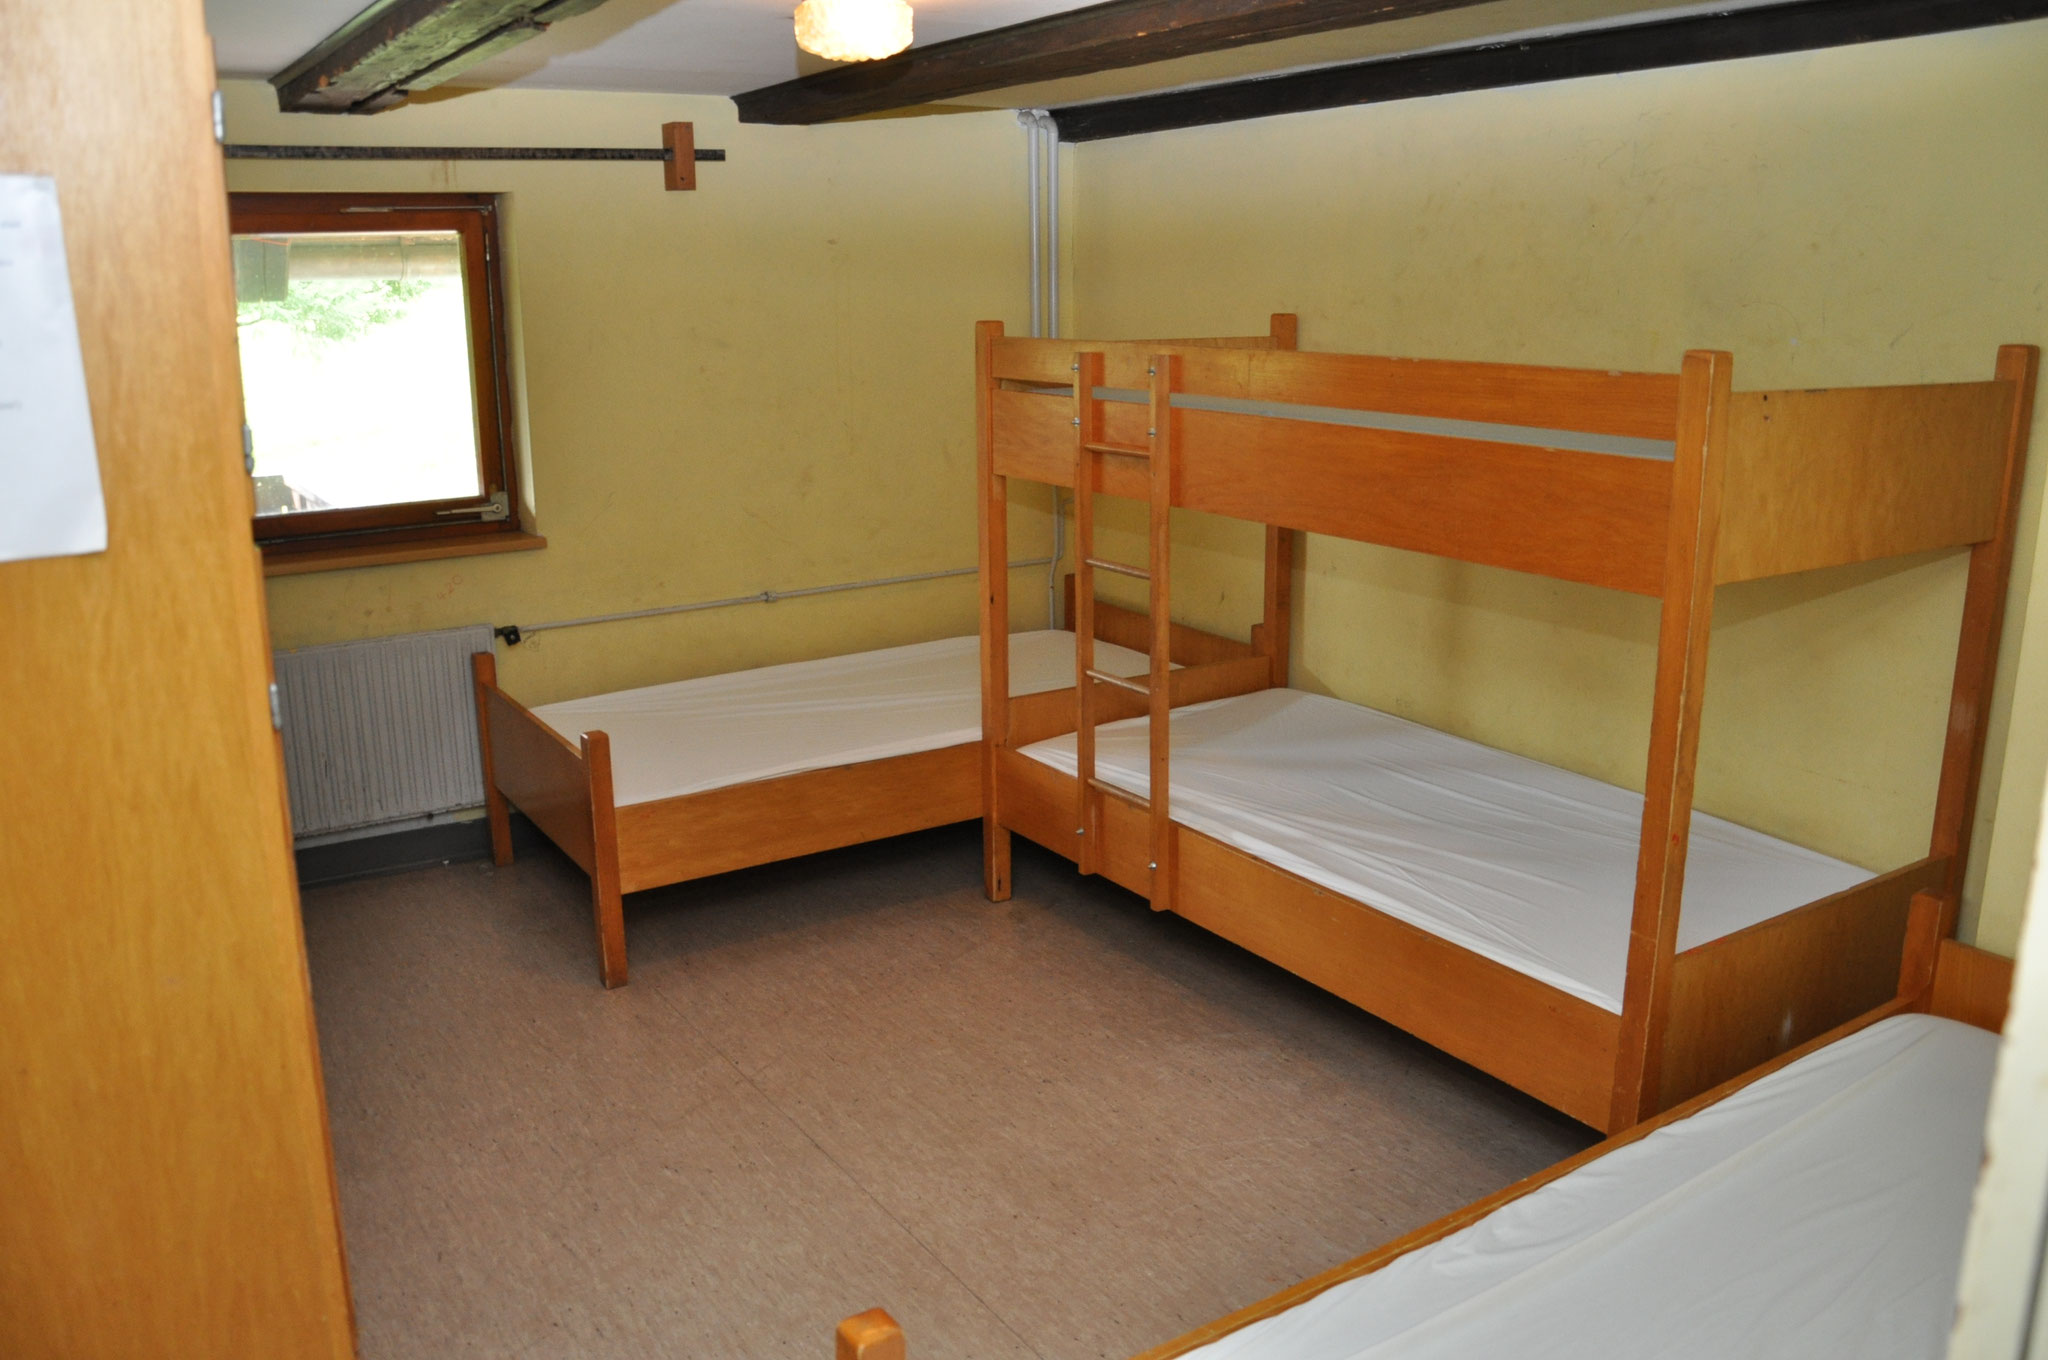 ein Schlafraum im 1.OG mit 4 Betten